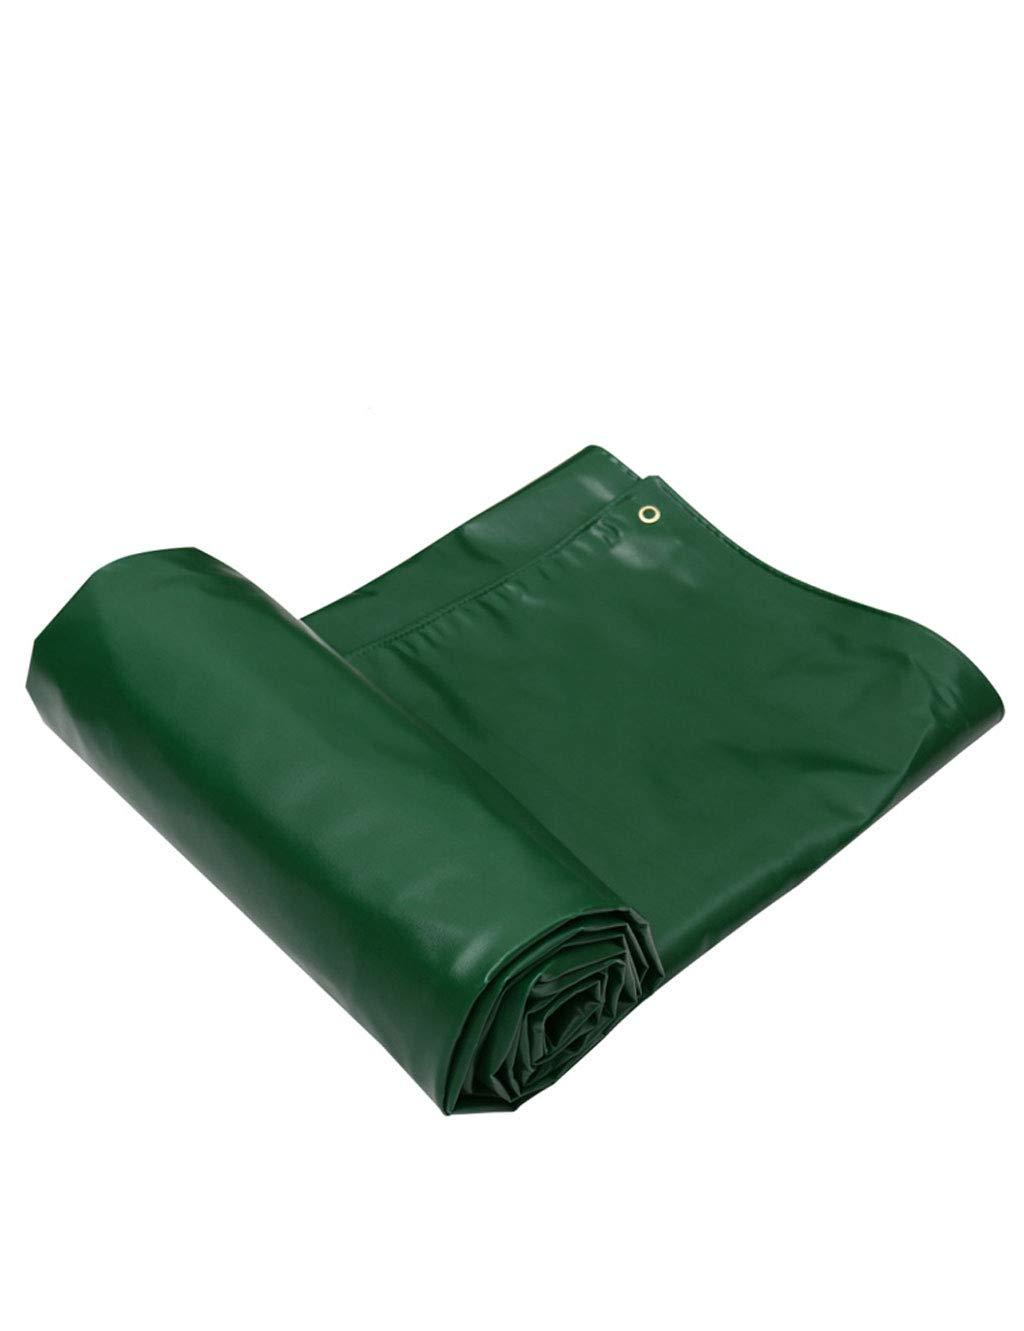 WANPB Gewebtes Polyethylen mit Hoher Dichte Und Doppeltes Laminat Schwere Plane, Grün - 100% Wasserdicht und UV-Besteändig